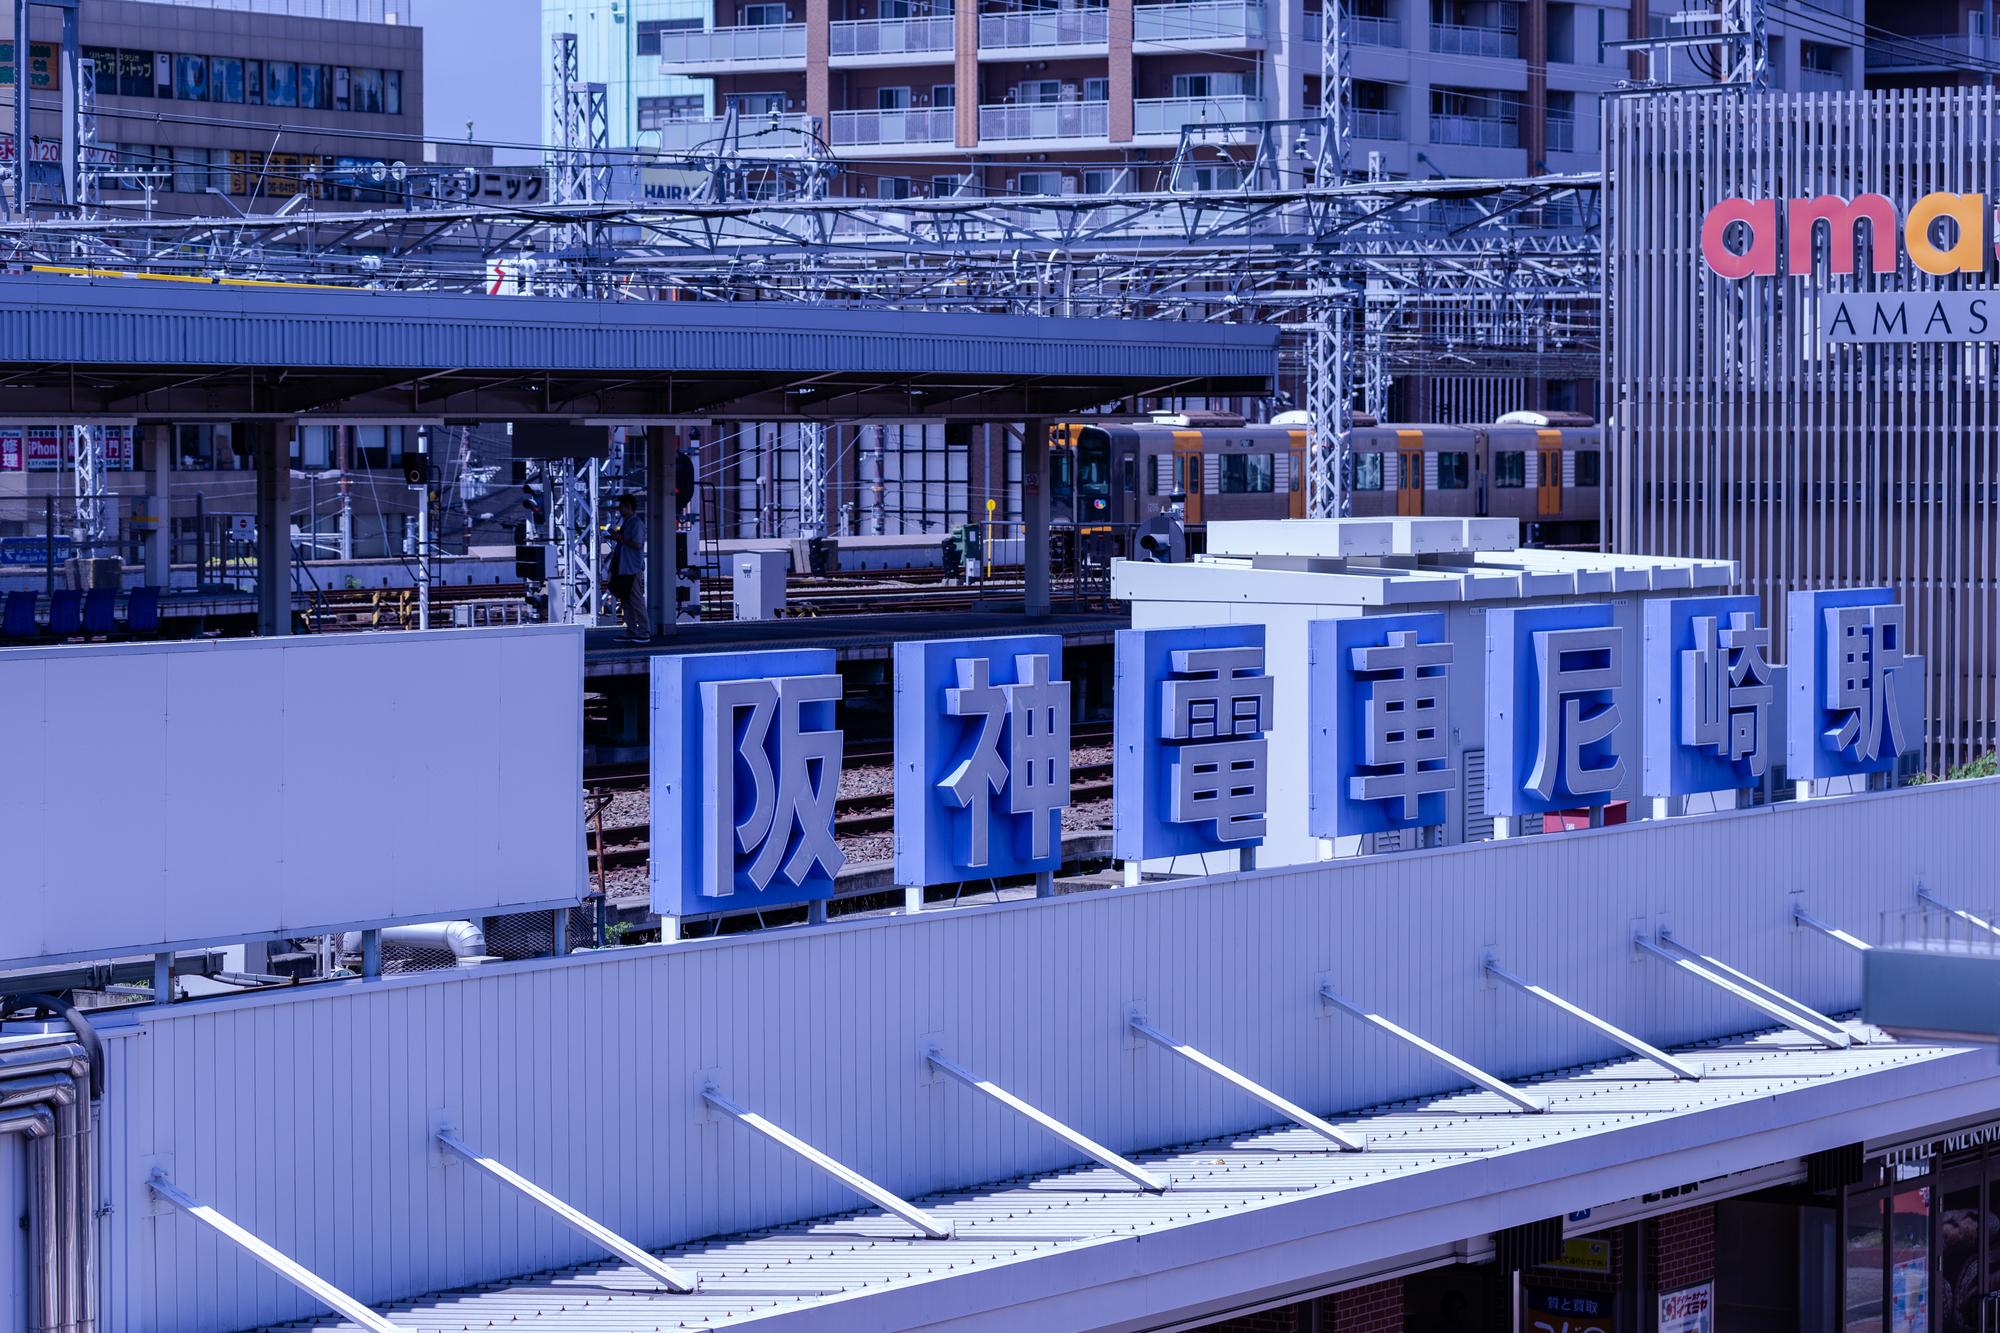 日曜に通院したい方へ!尼崎駅の歯医者さん、おすすめポイント紹介